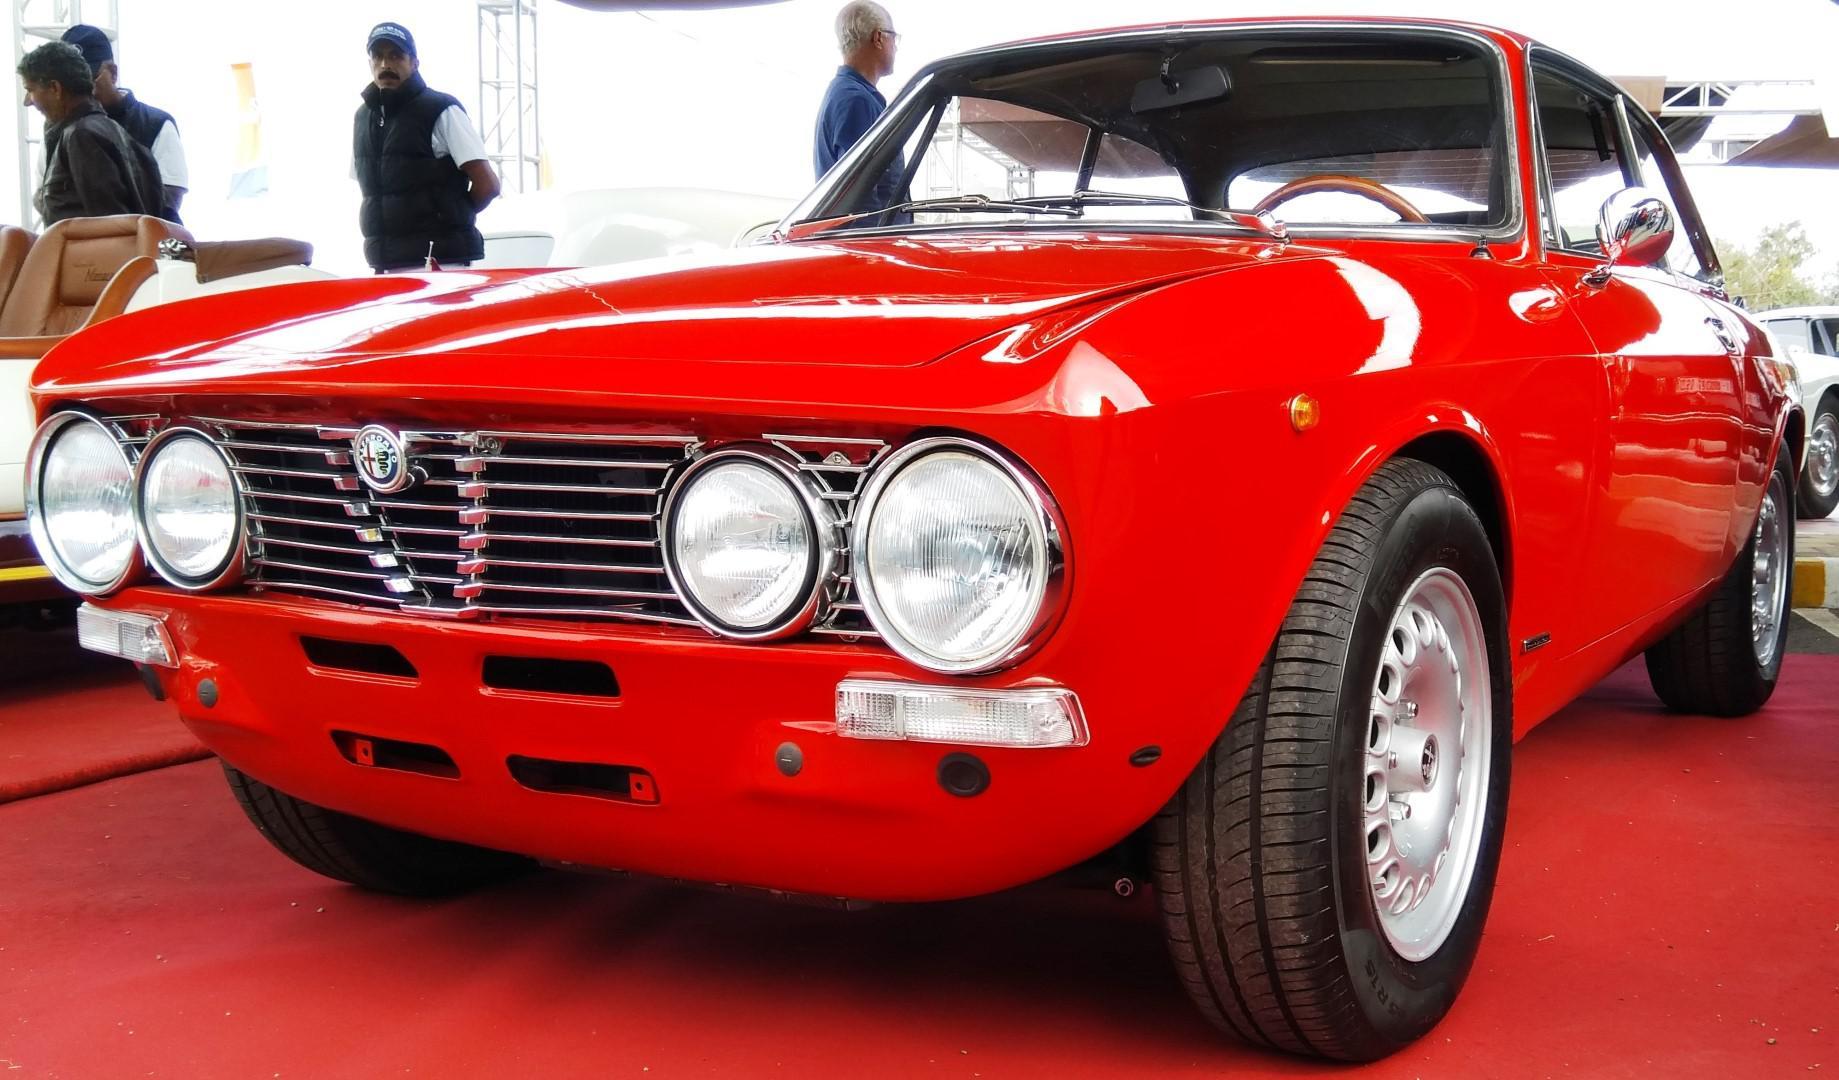 les-voitures-de-sports-du-classic-cars-expo-2019-1137-1.jpg